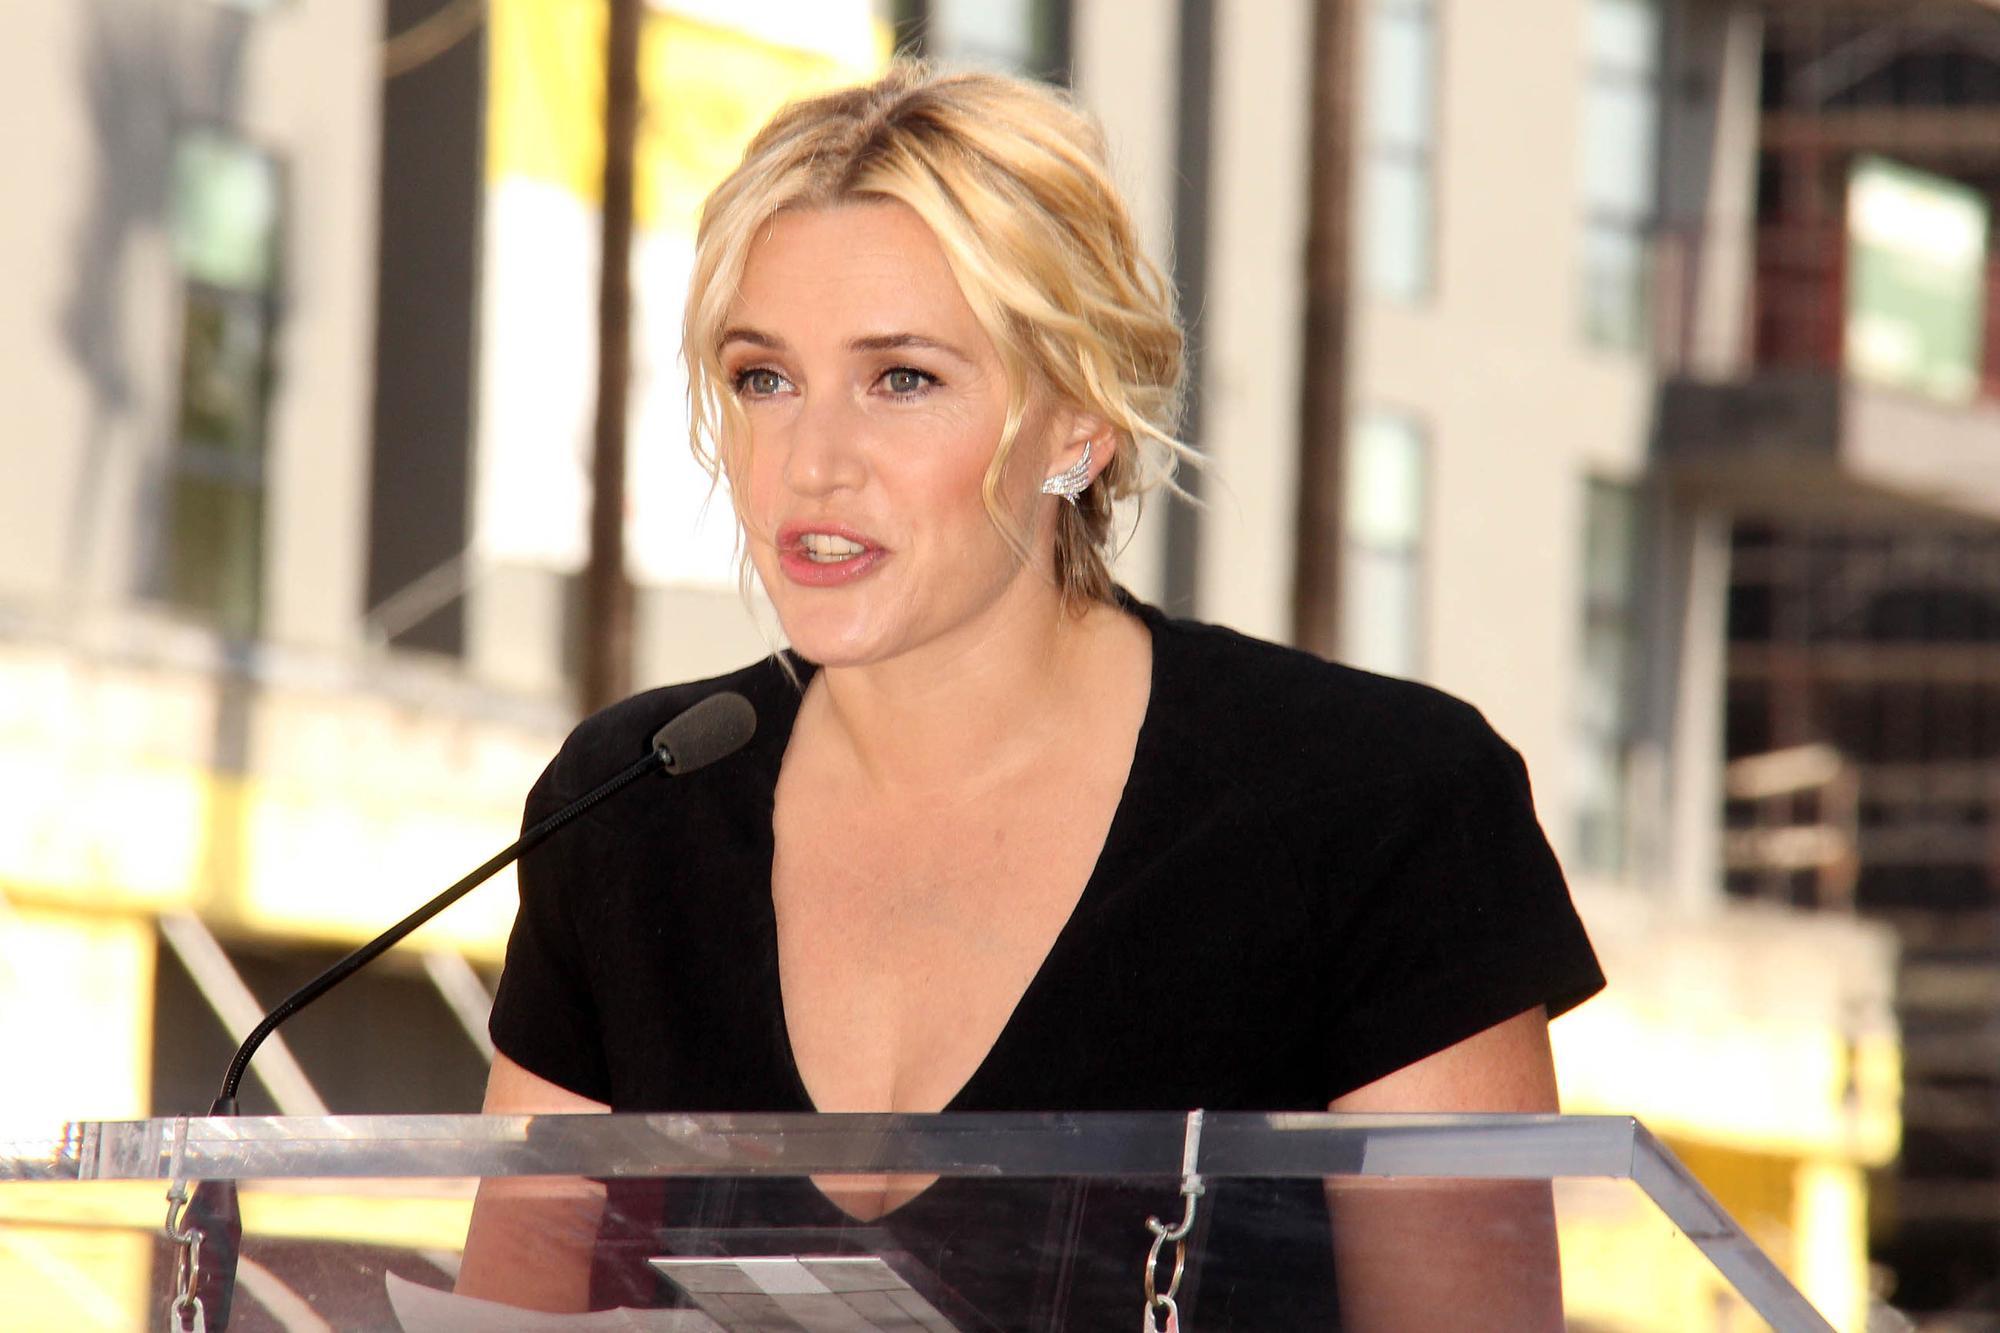 Кейт Уинслет рассказала, что жалеет о работе с Вуди Алленом и Романом Полански